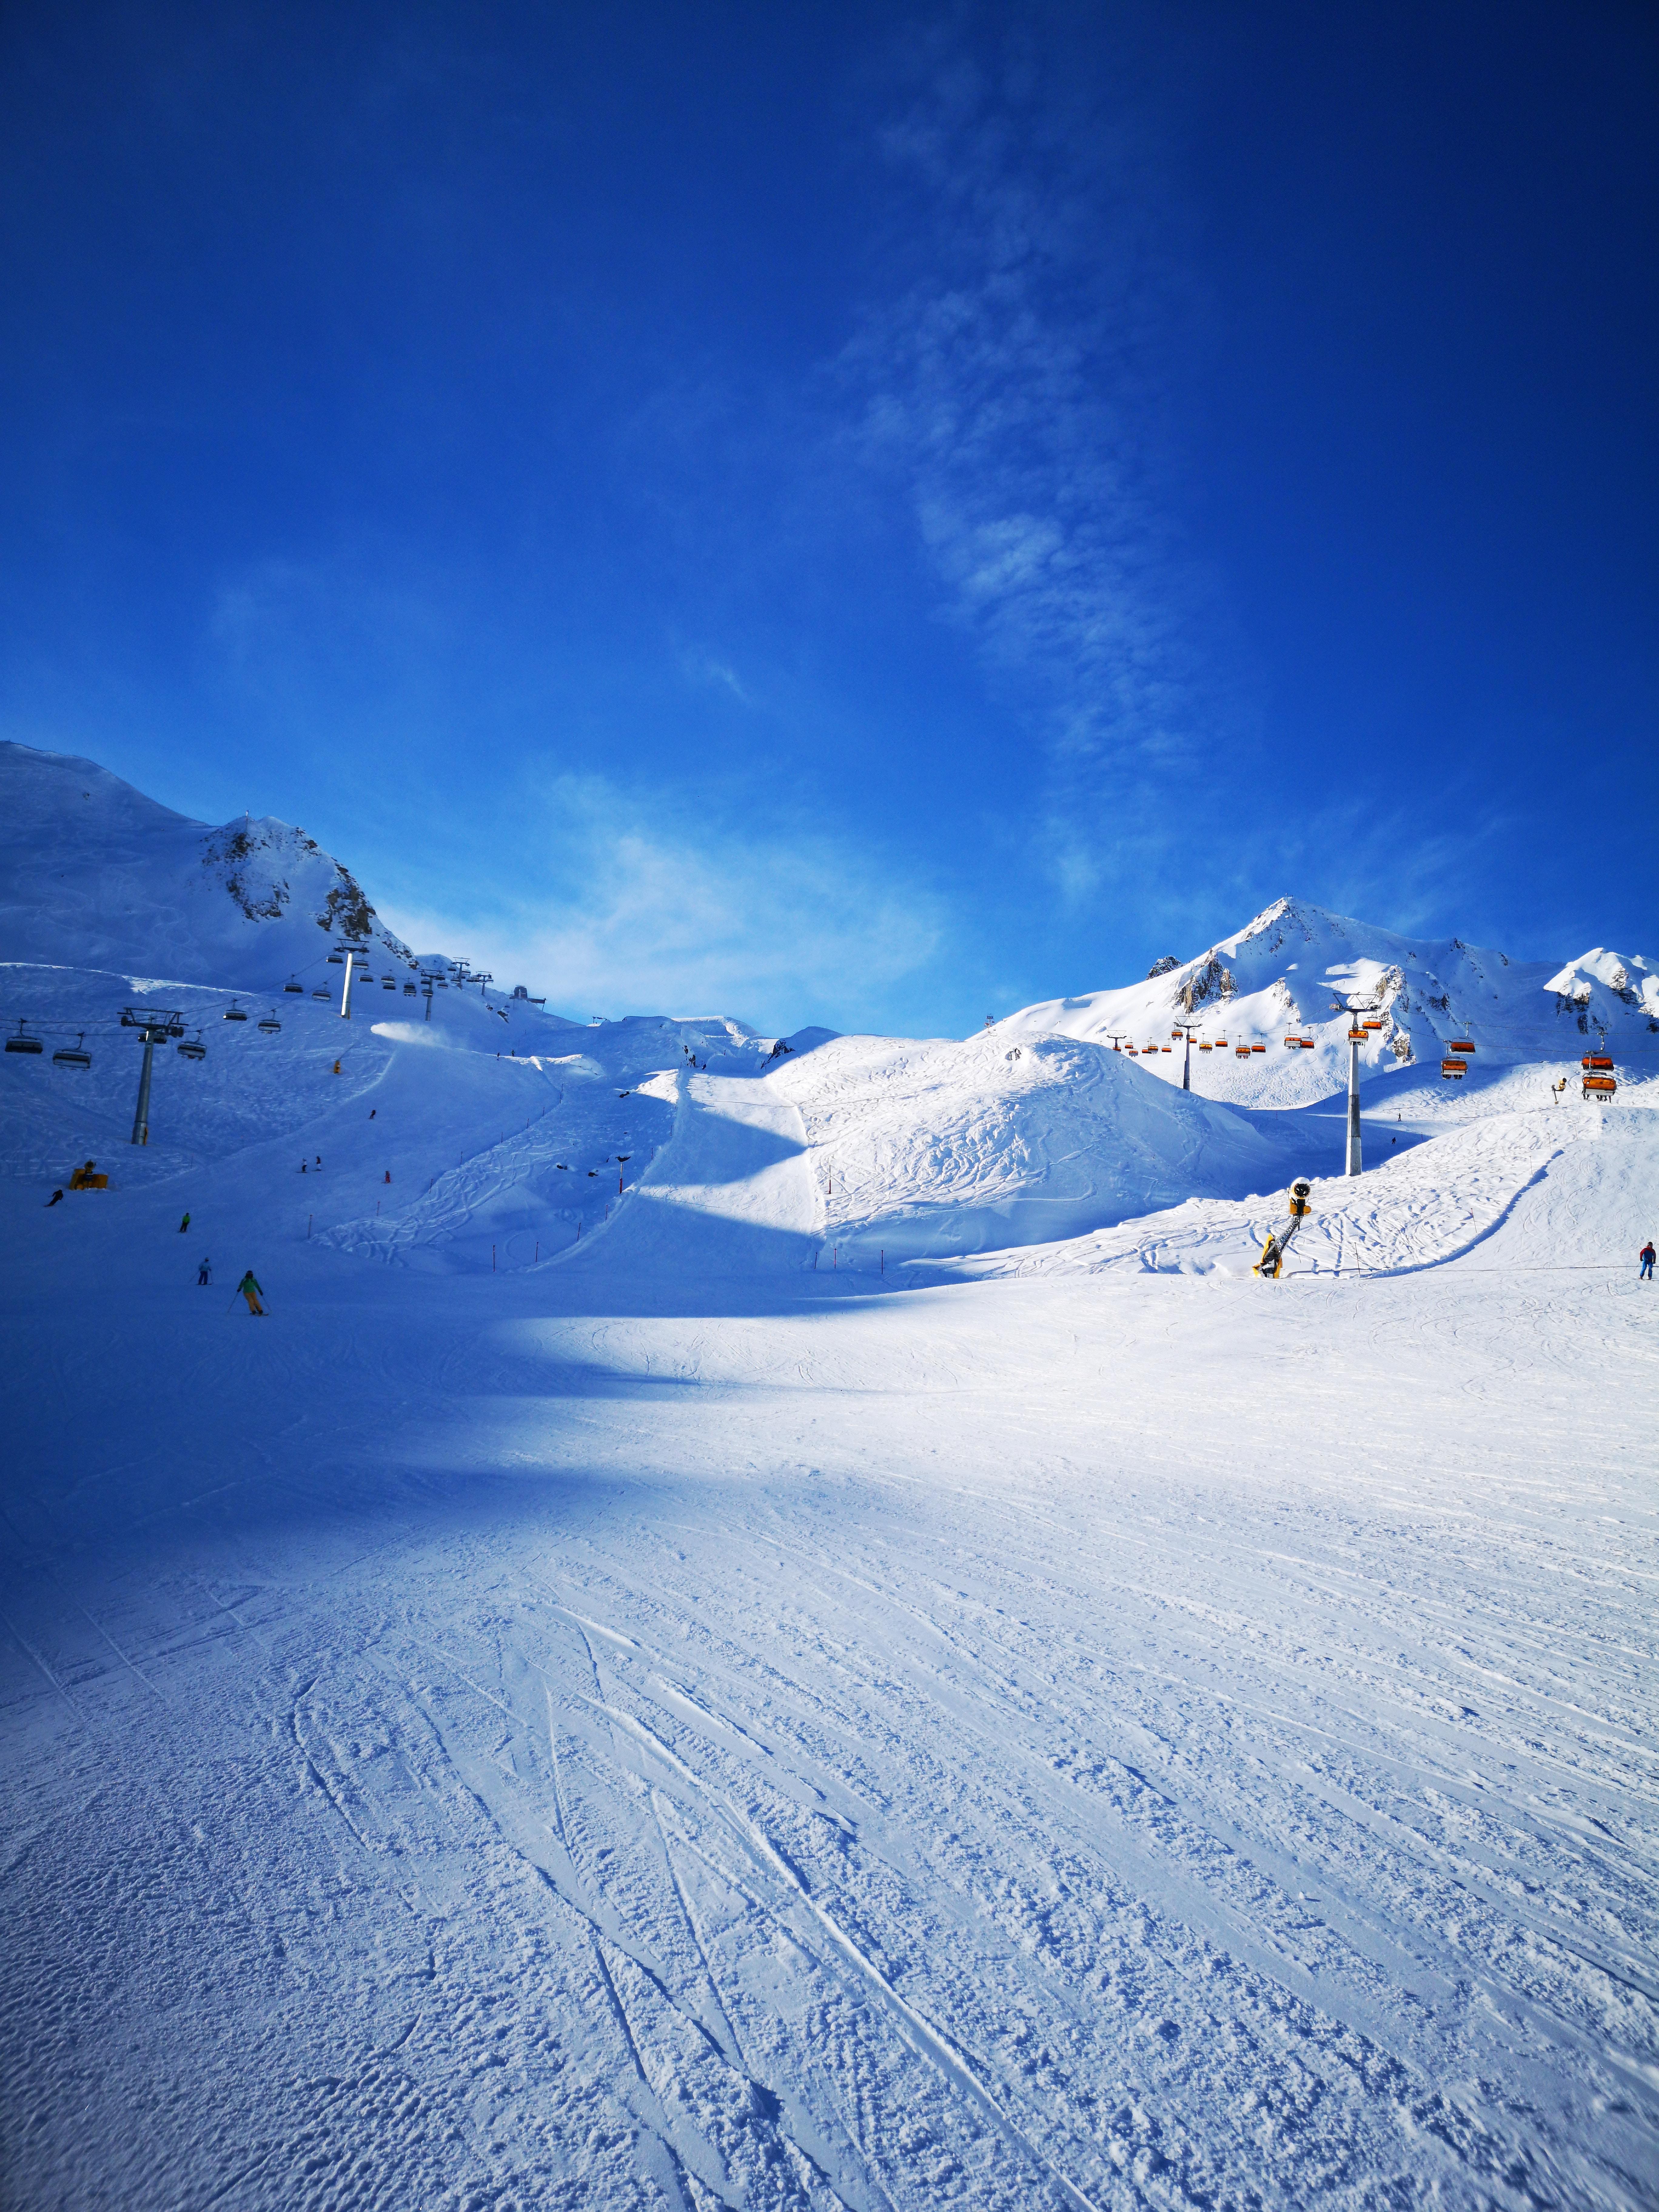 137986 Hintergrundbild 1024x600 kostenlos auf deinem Handy, lade Bilder Natur, Mountains, Abstammung, Abstieg, Skipiste, Ski, Piste, Skistrecke, Aufzüge 1024x600 auf dein Handy herunter